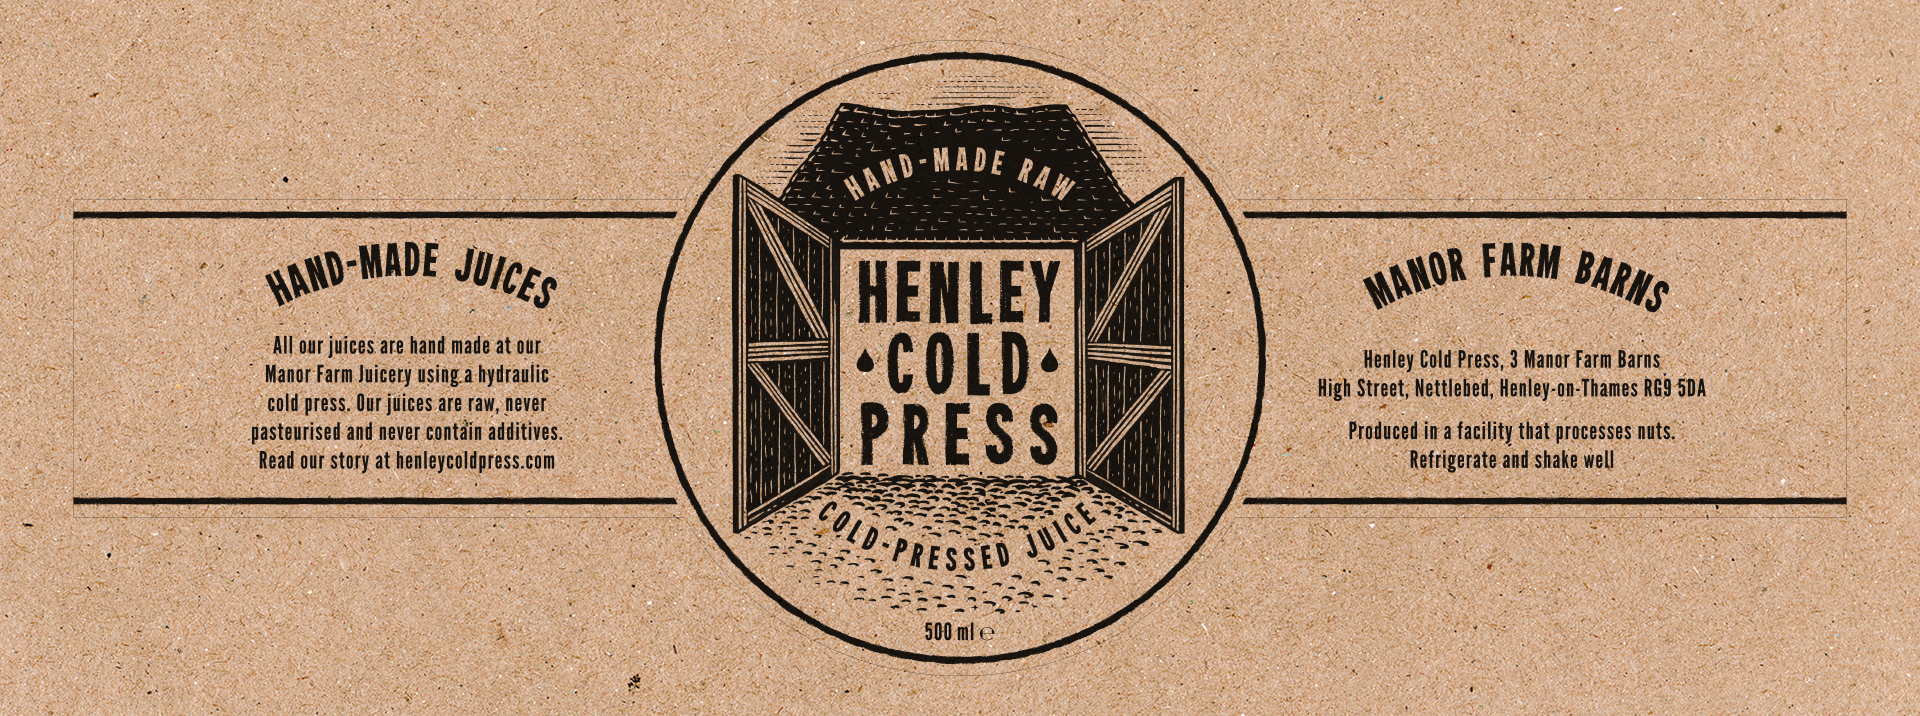 Henley Cold Press Bottle Label